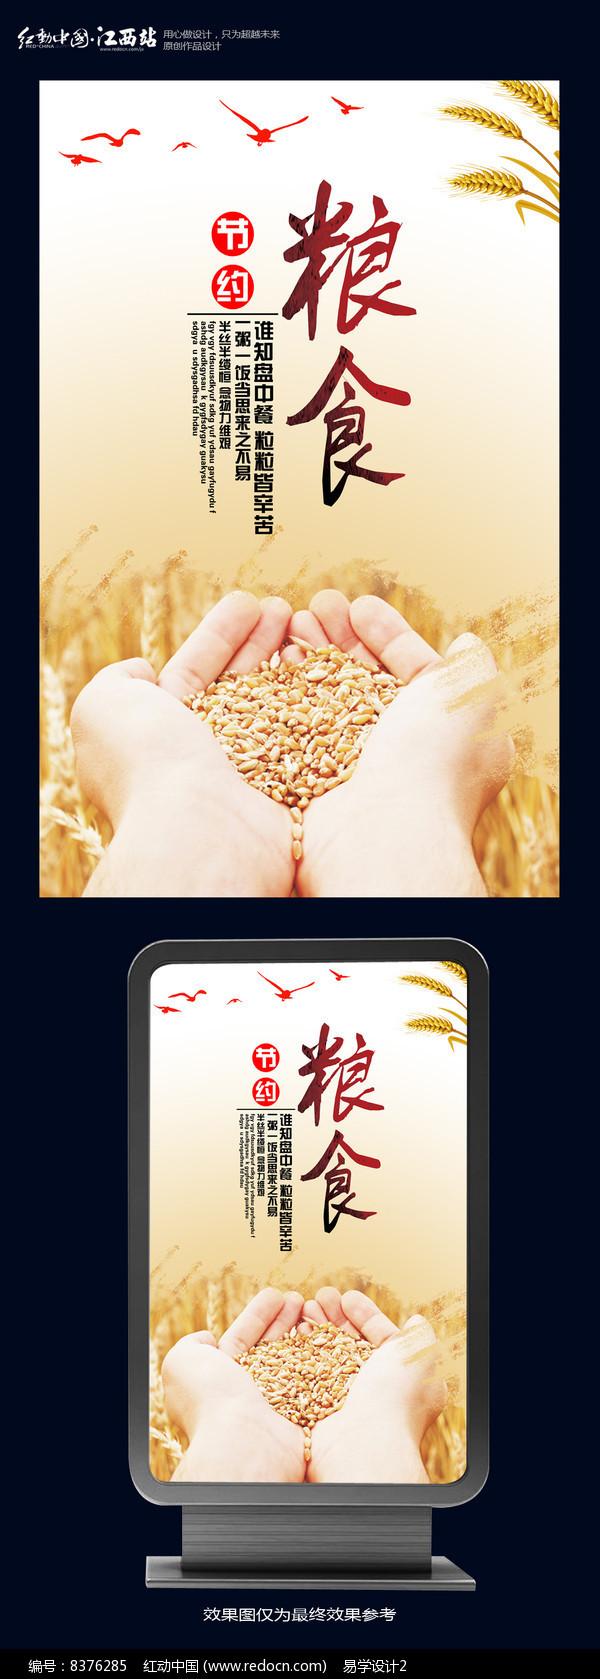 节约粮食食堂文化海报设计图片